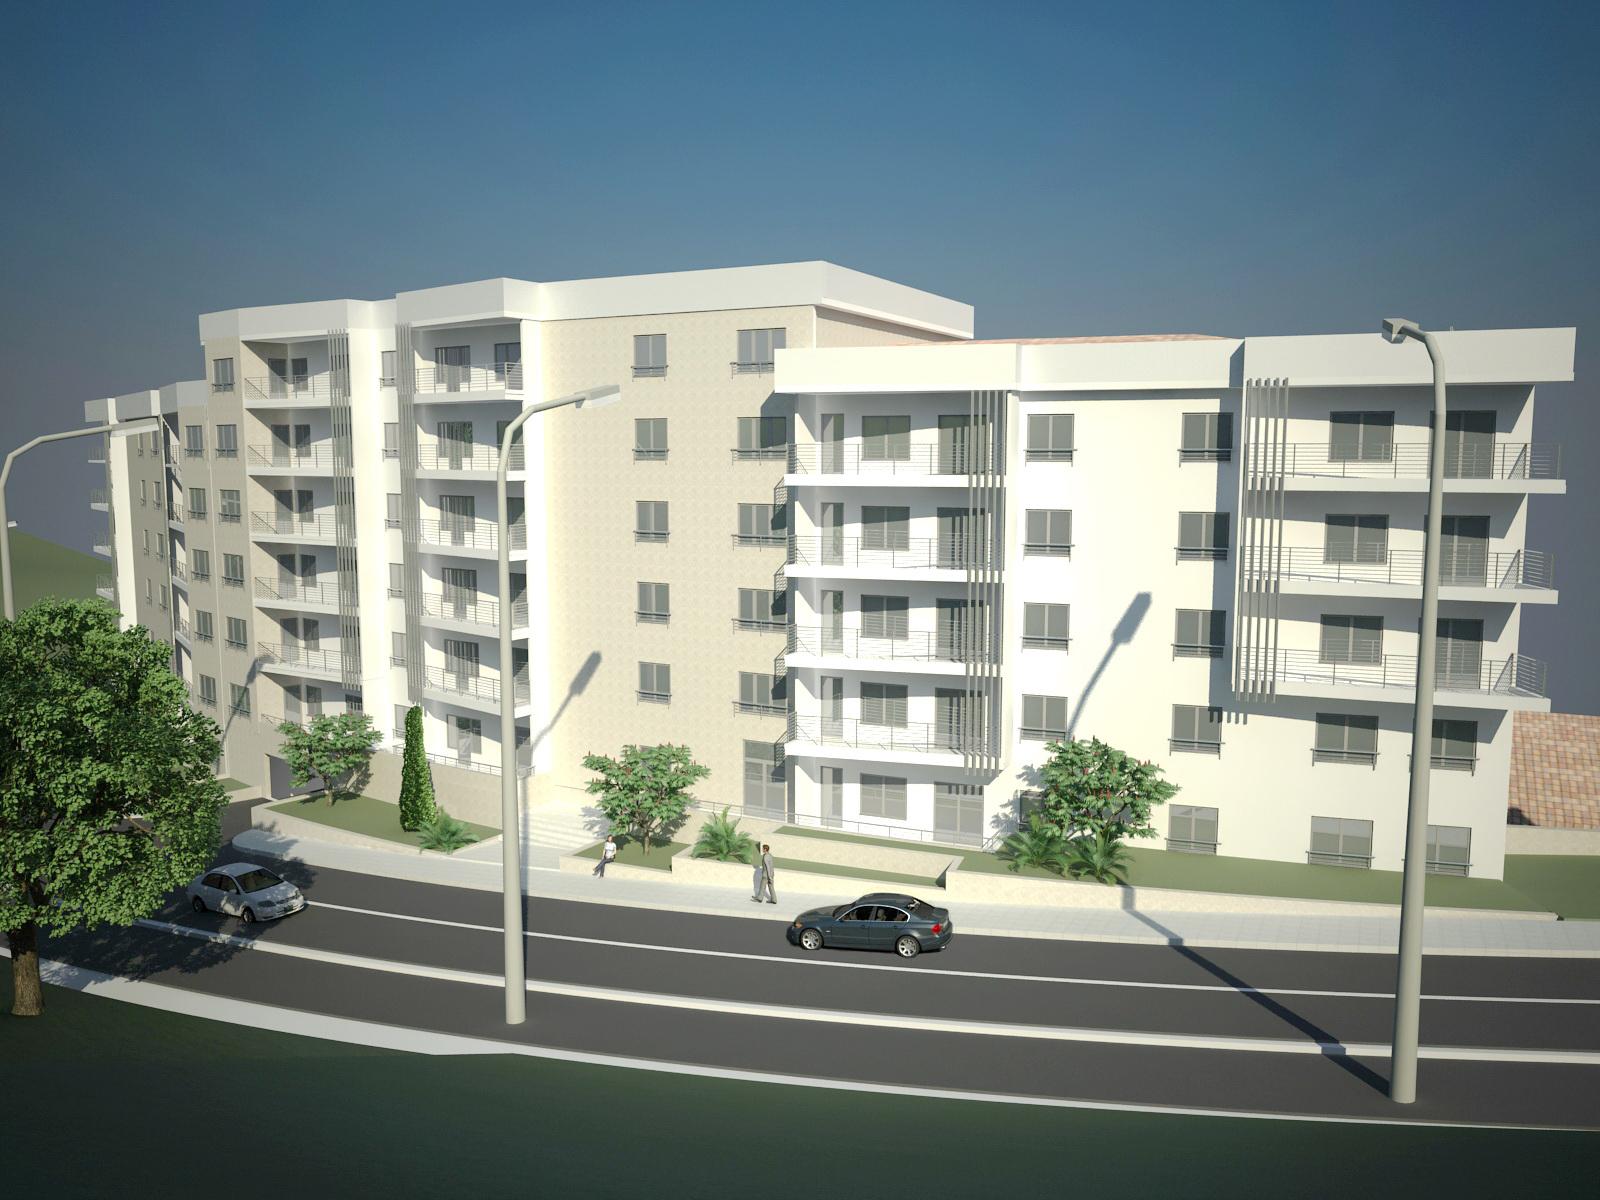 ДОМ ANATOLIA-2 - Дом расположен всего в нескольких шагах от пляжей Бечичи. Удобное местоположение, развитая инфраструктура и шаговая доступность основных развлекательных и социальных точек.